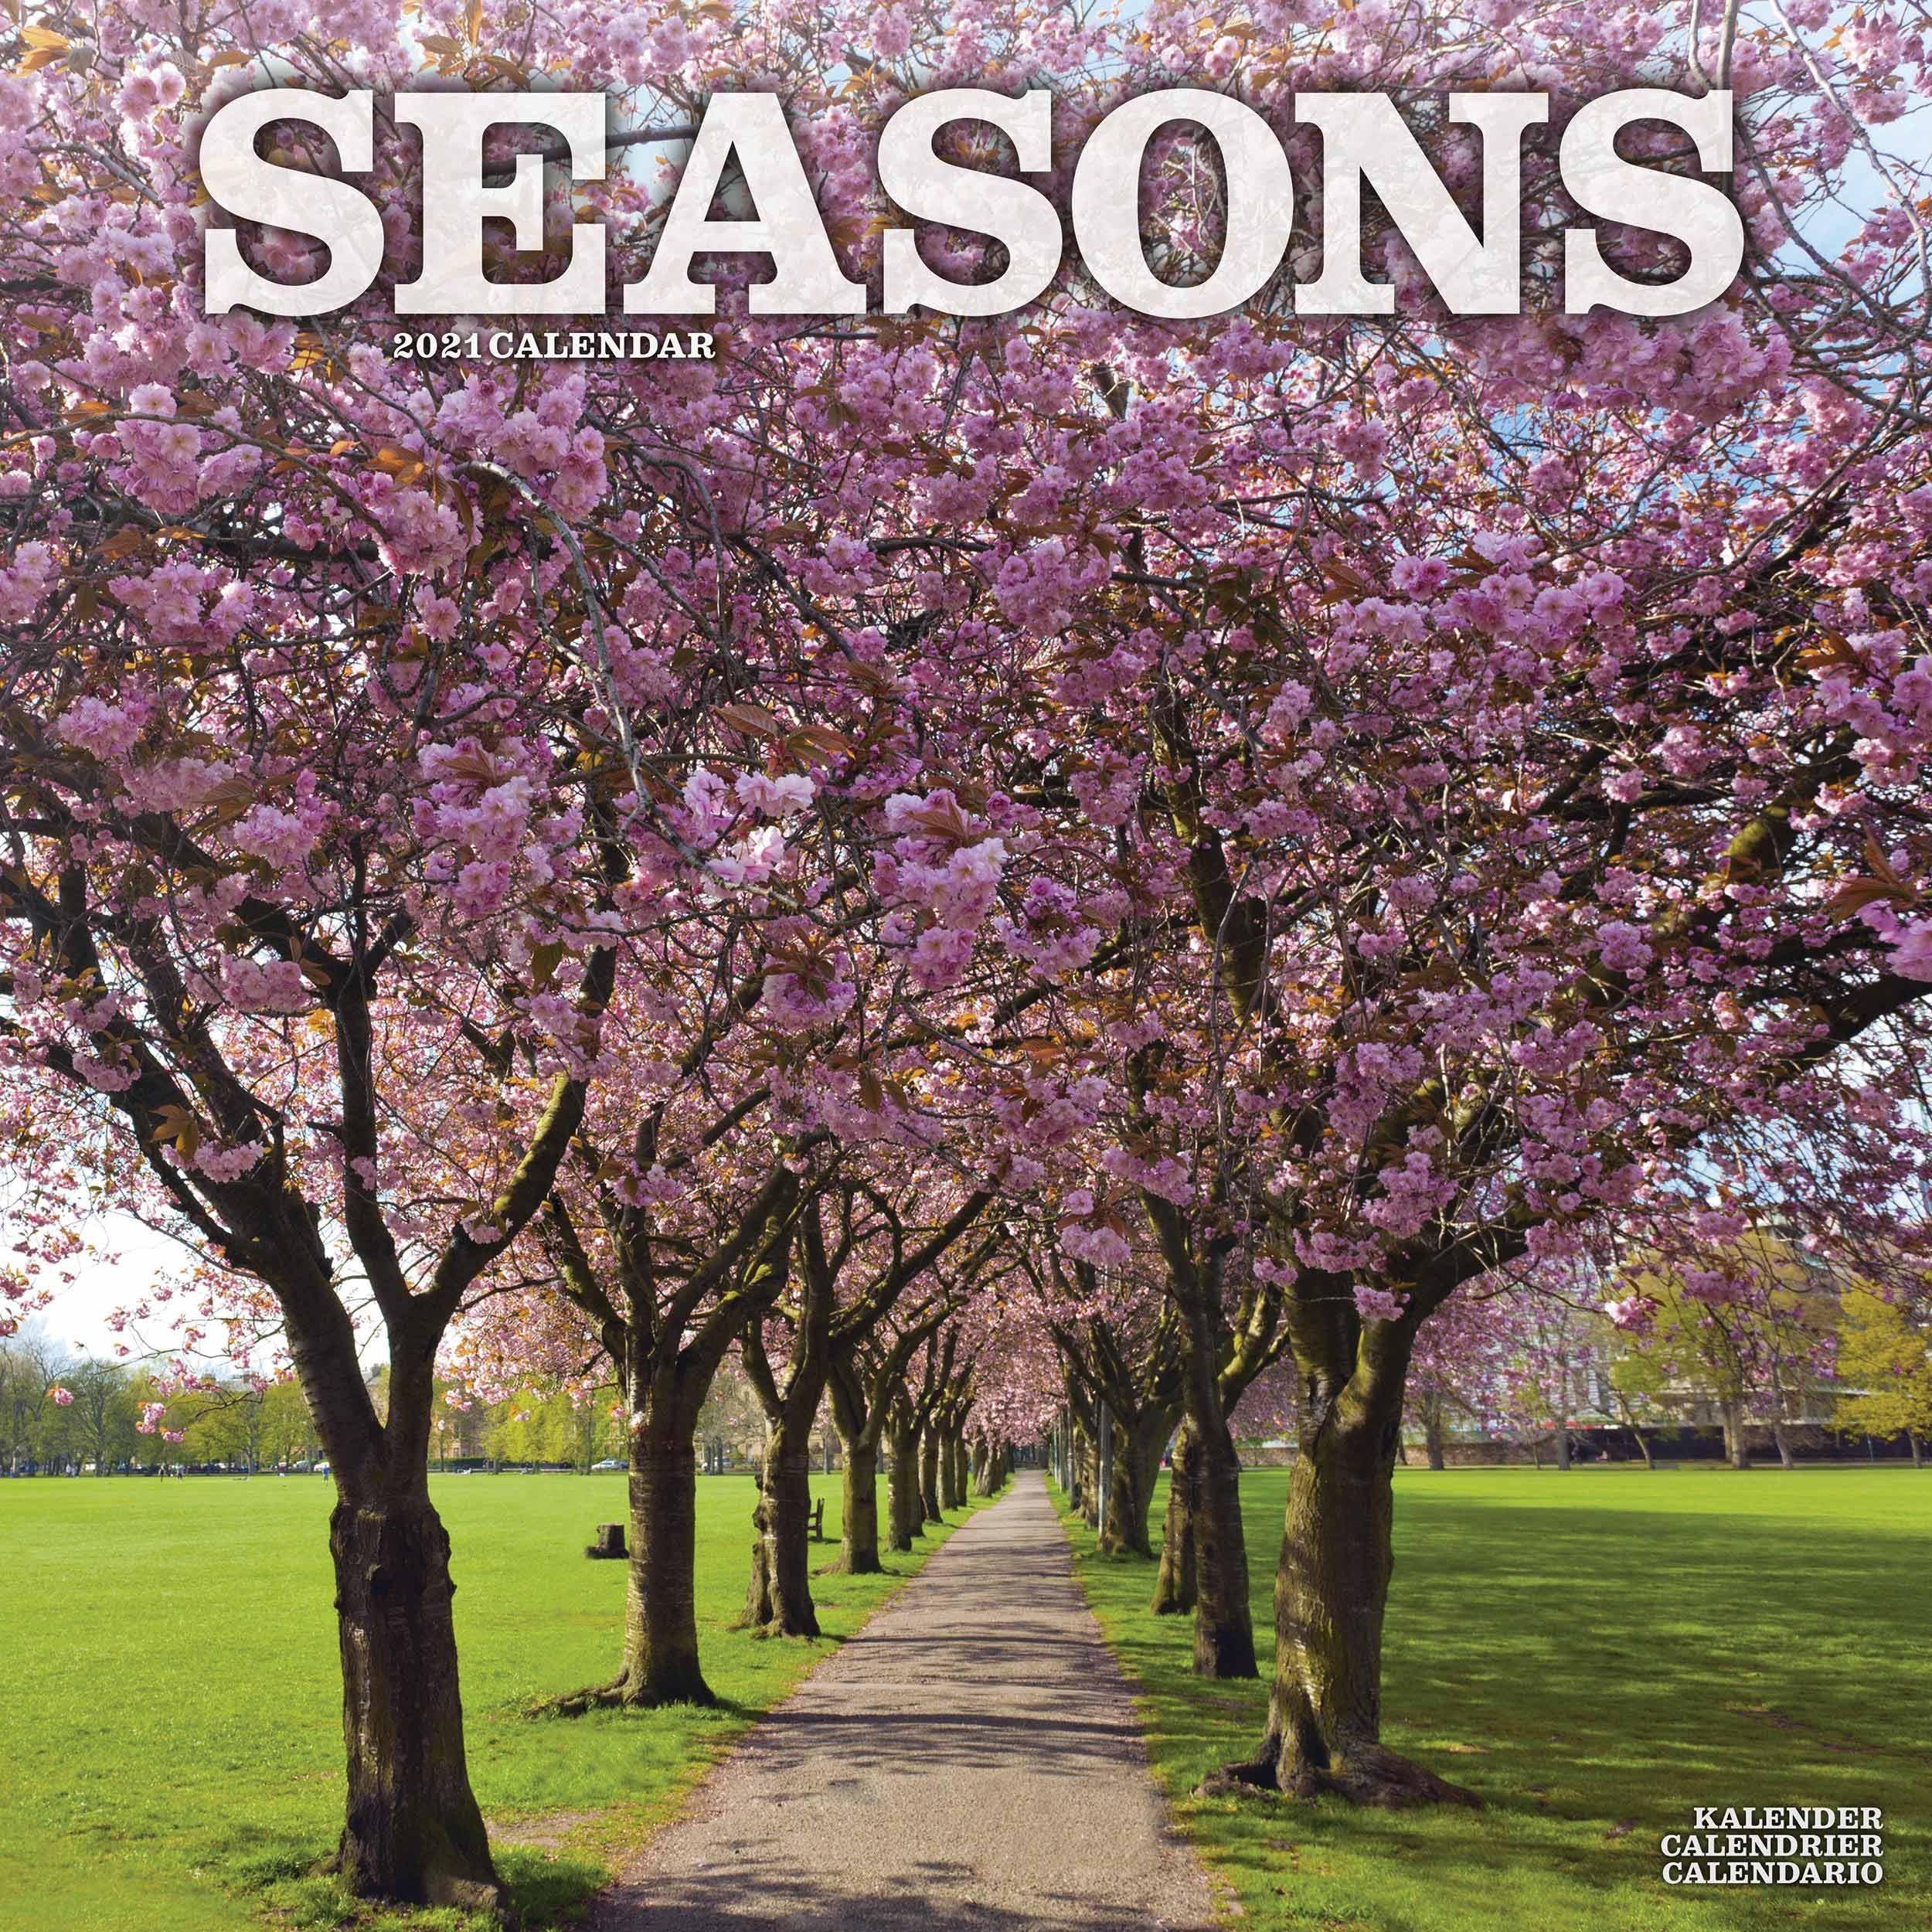 Seasons Calendar 2021 At Calendar Club